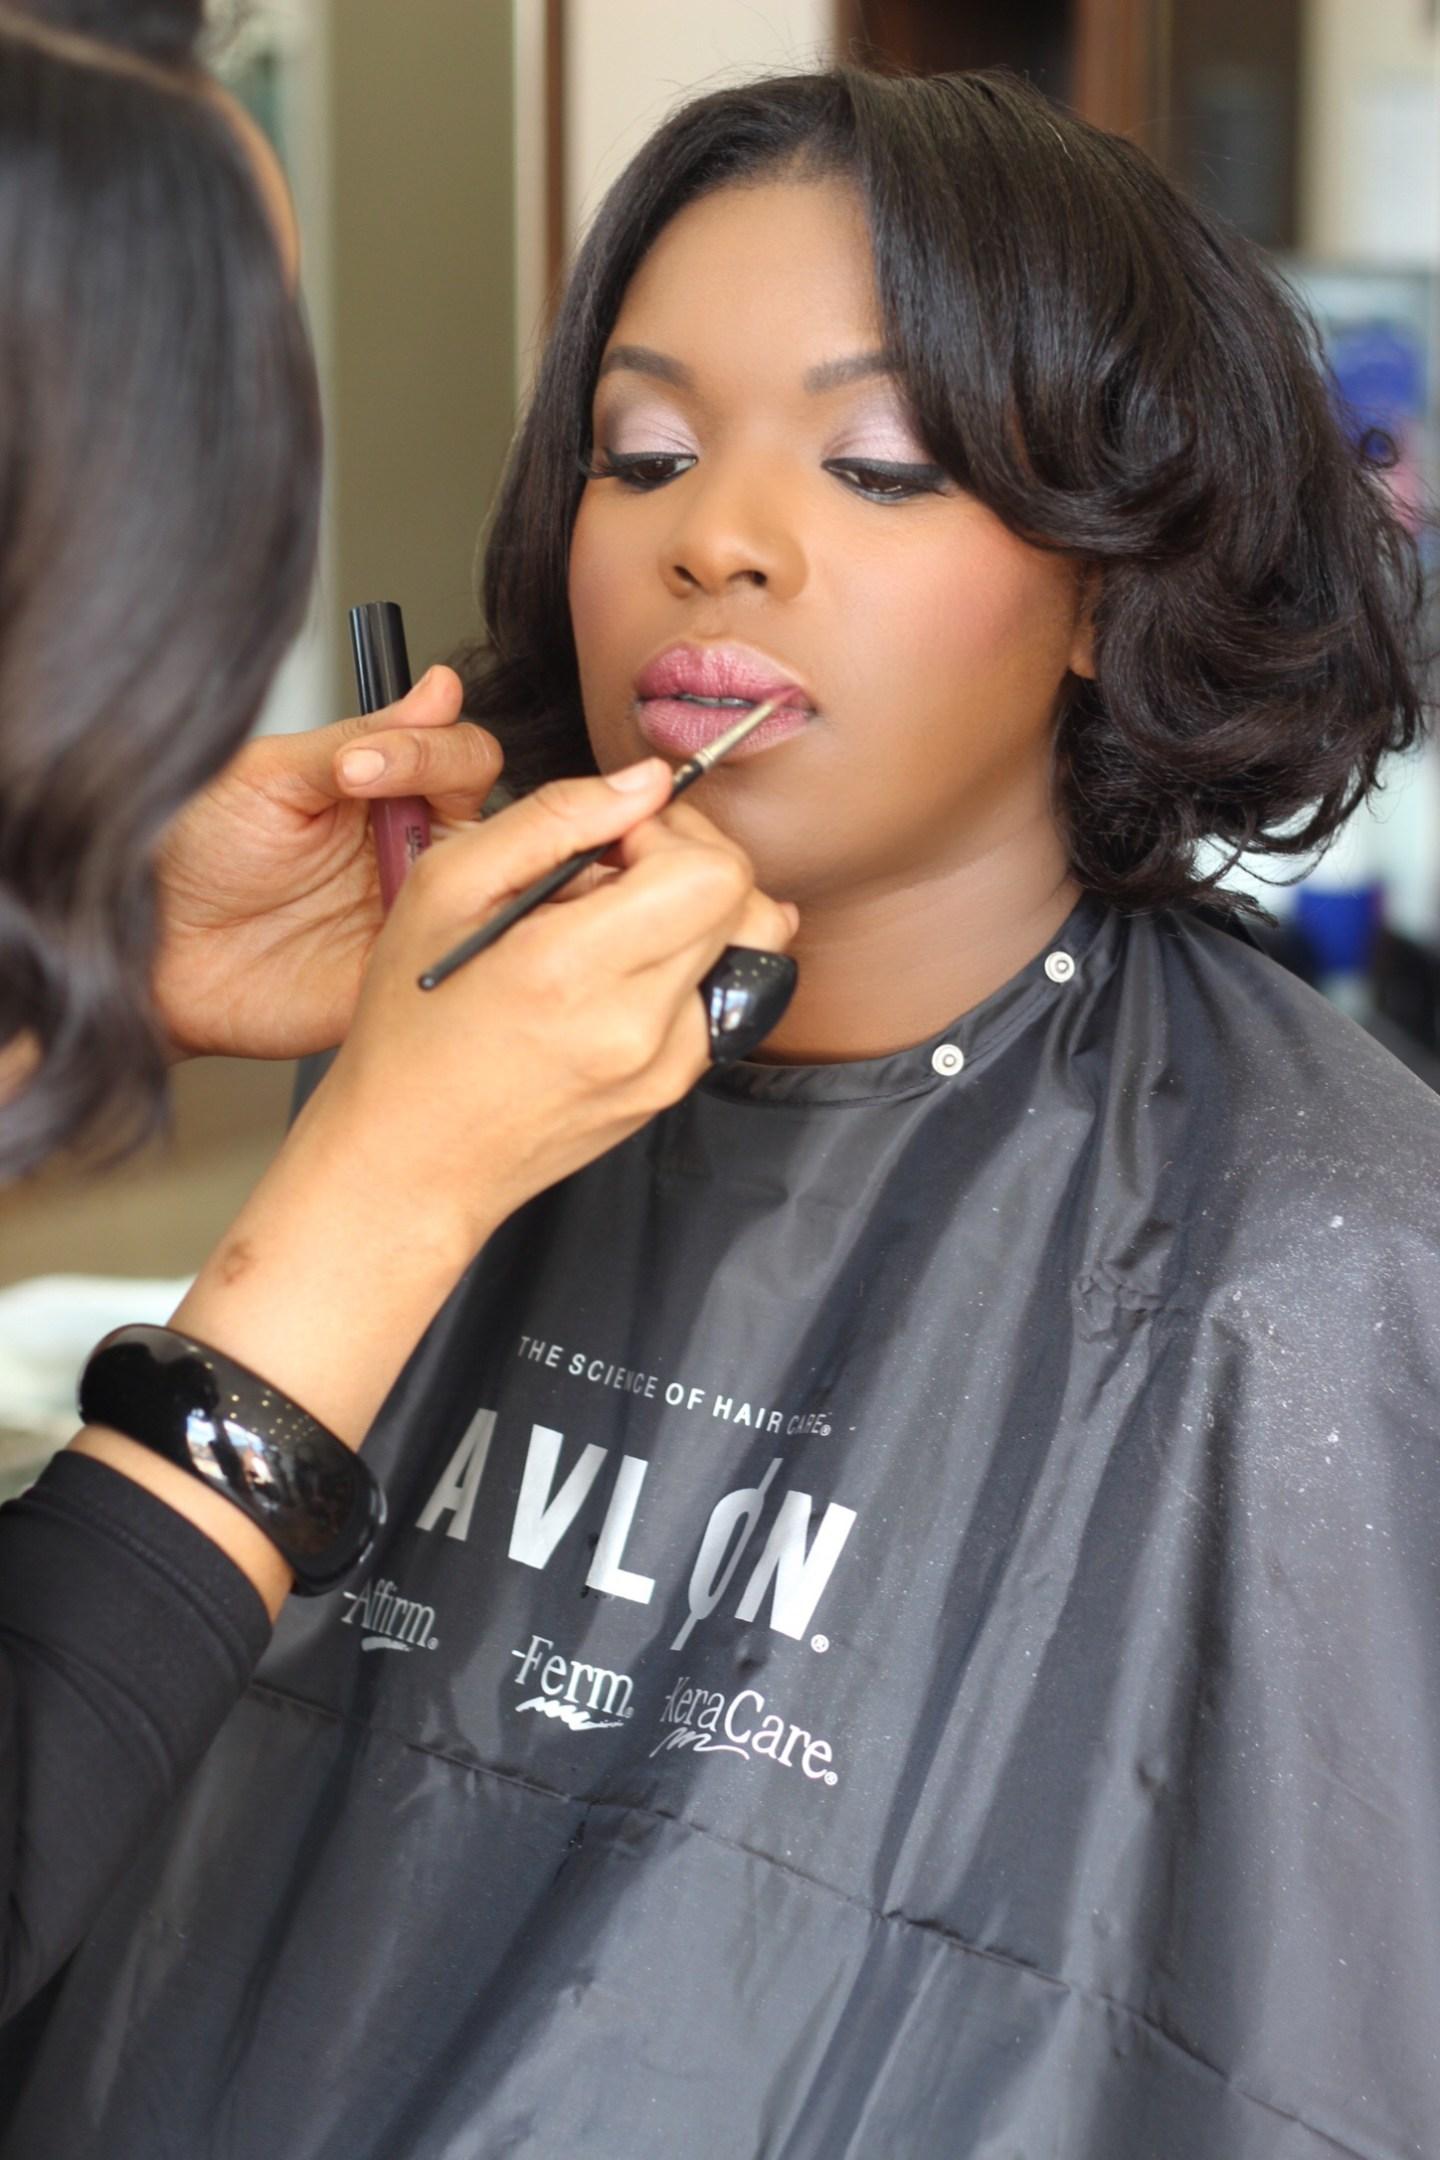 maquillage peaux noires